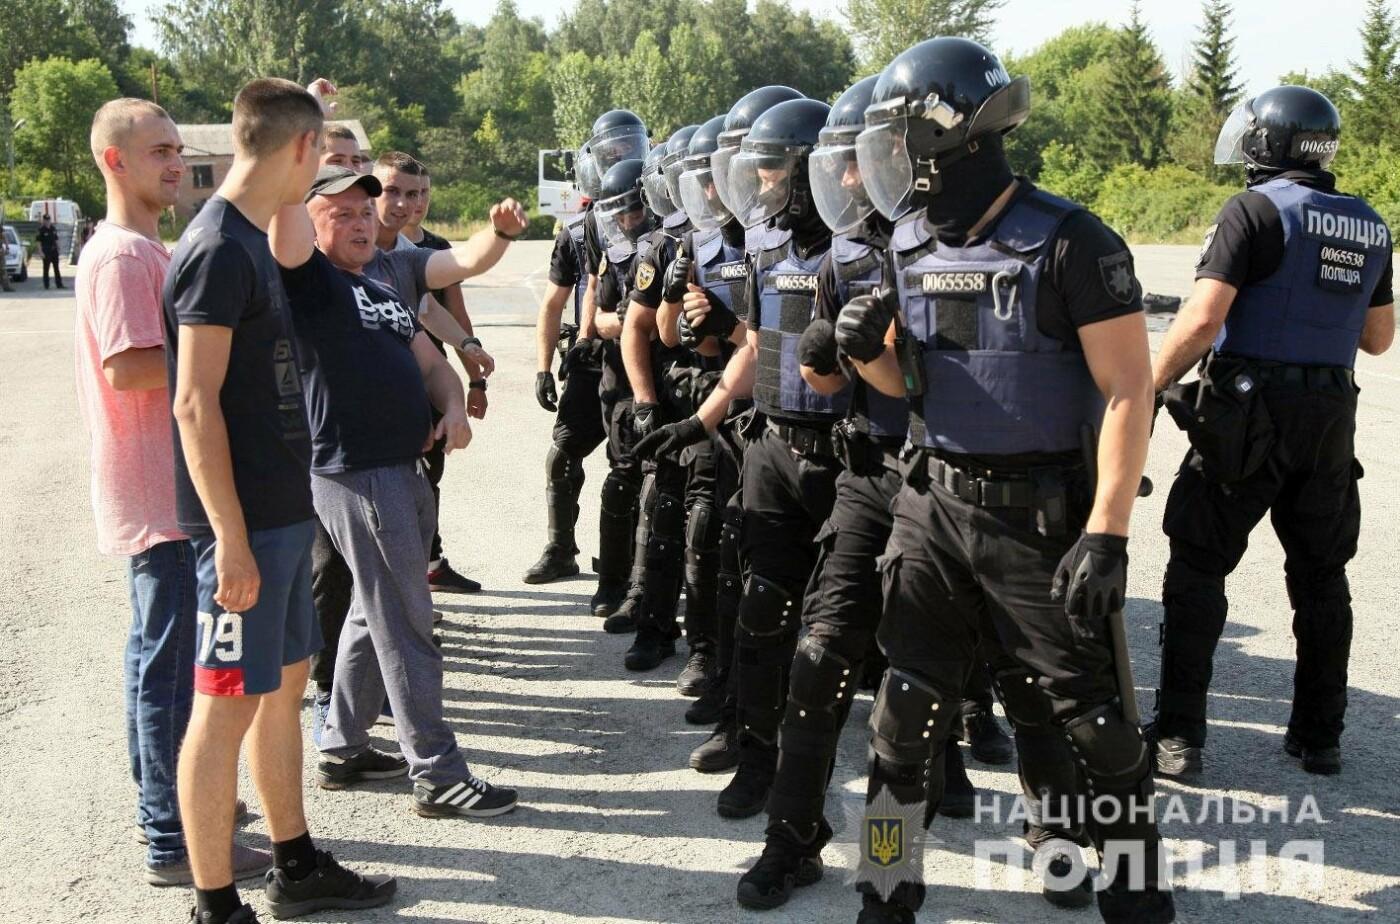 У Хмельницькому правоохоронці продовжують підготовку до забезпечення публічної безпеки і порядку під час виборів , фото-2